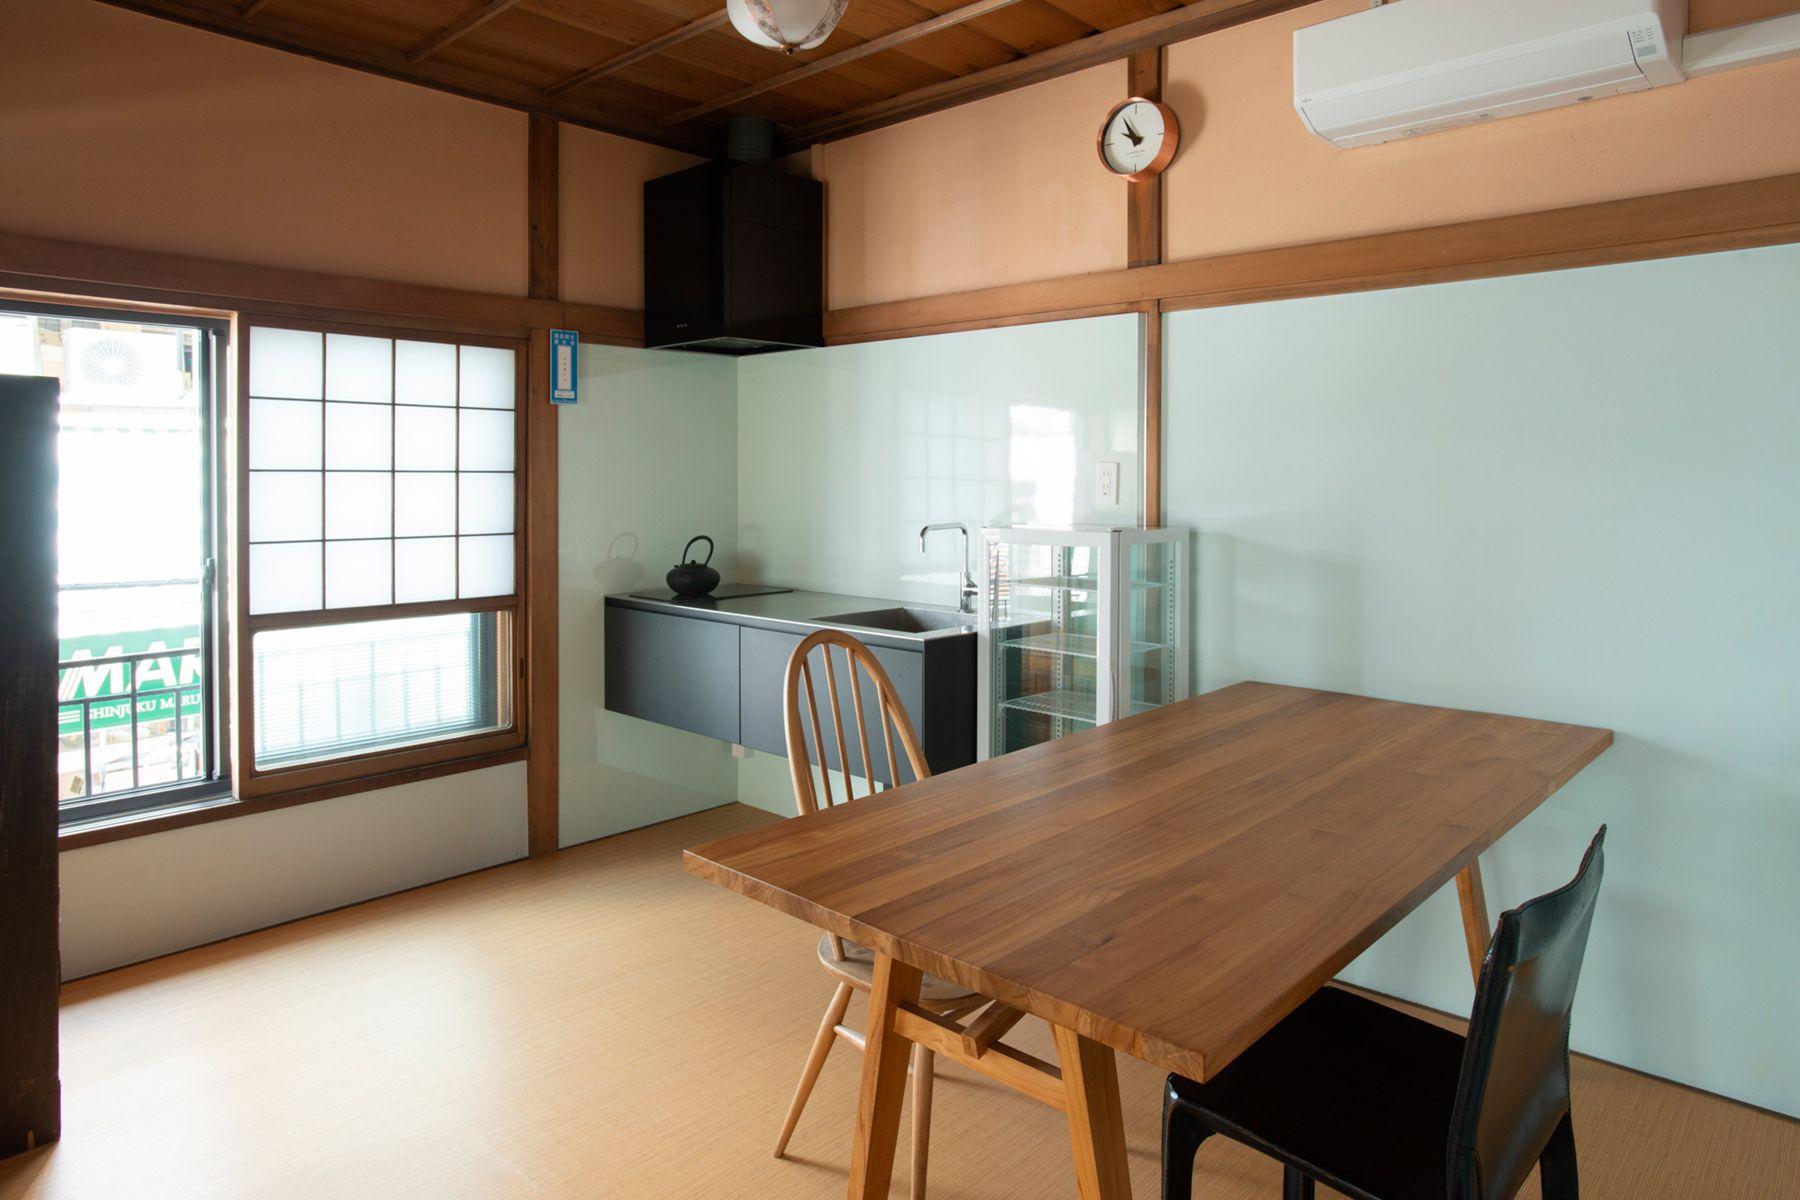 江戸端会議室 (エドバタカイギシツ)キッチンのある和室(6畳)